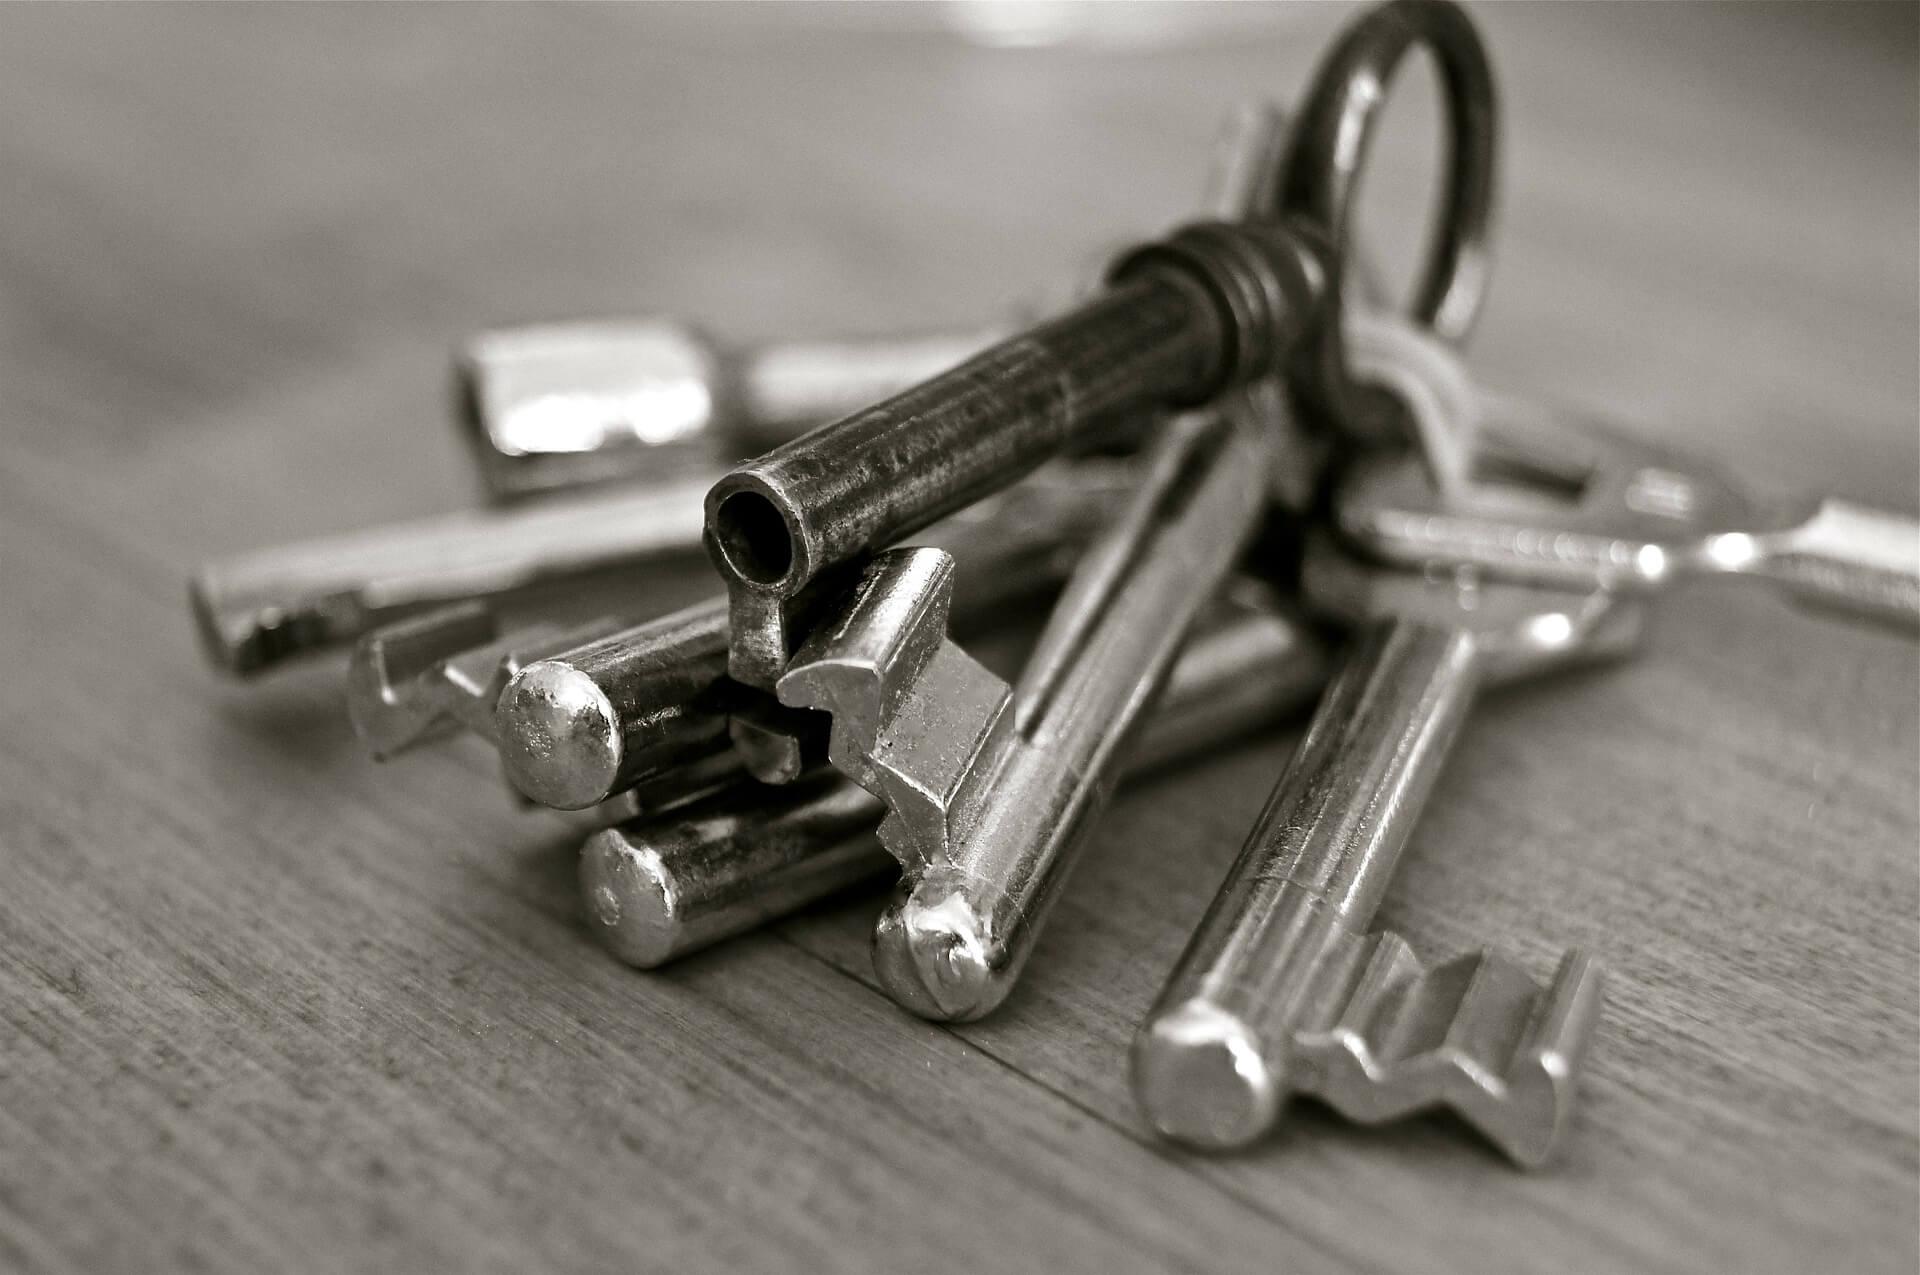 Schlüsselbund mit vielen Schlüsseln